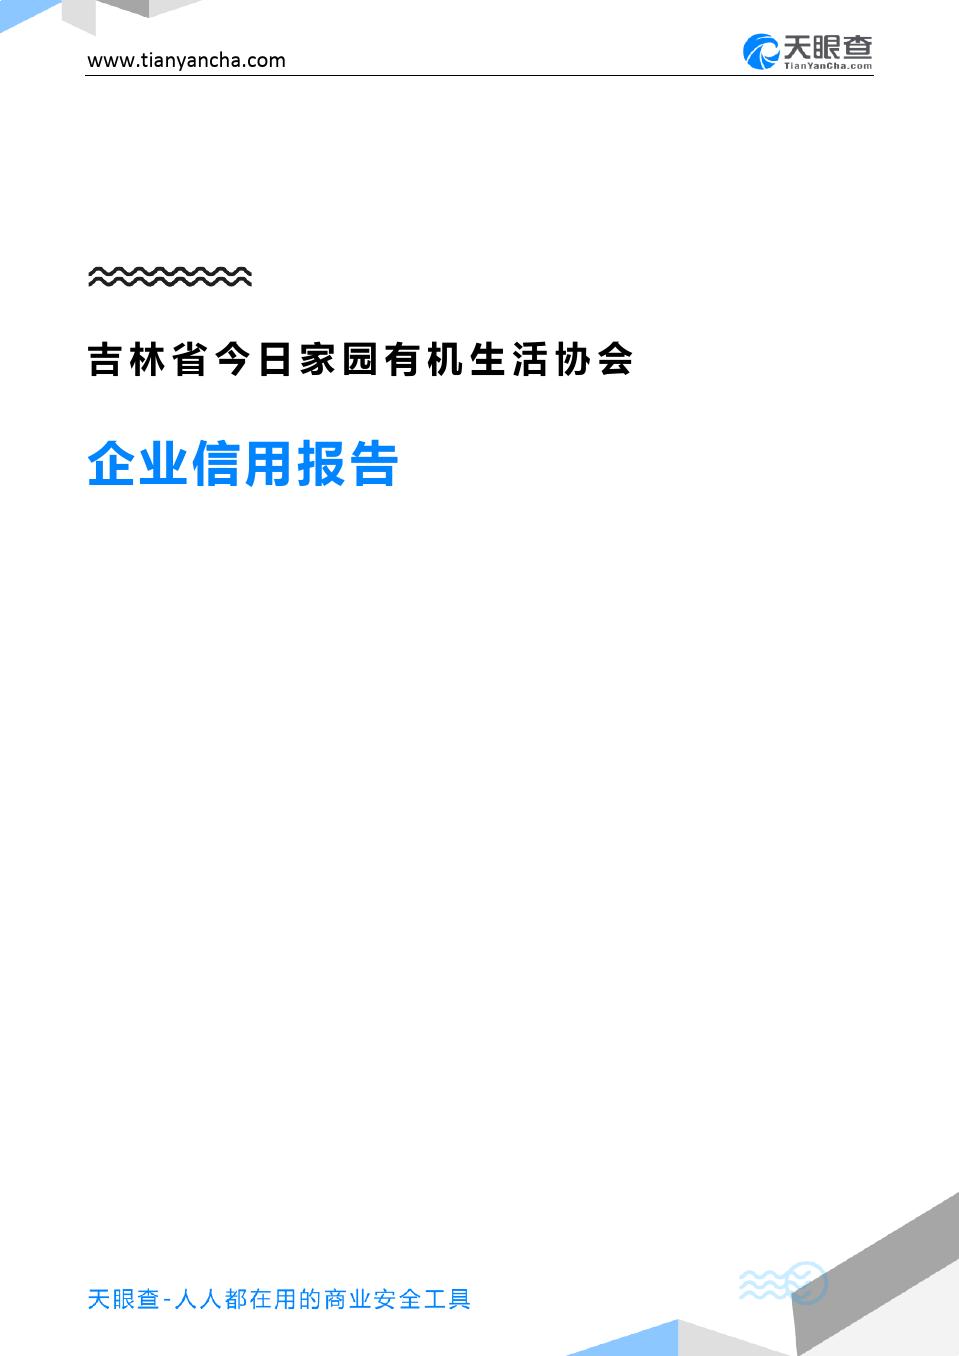 吉林省今日家园有机生活协会(企业信用报告)- 天眼查